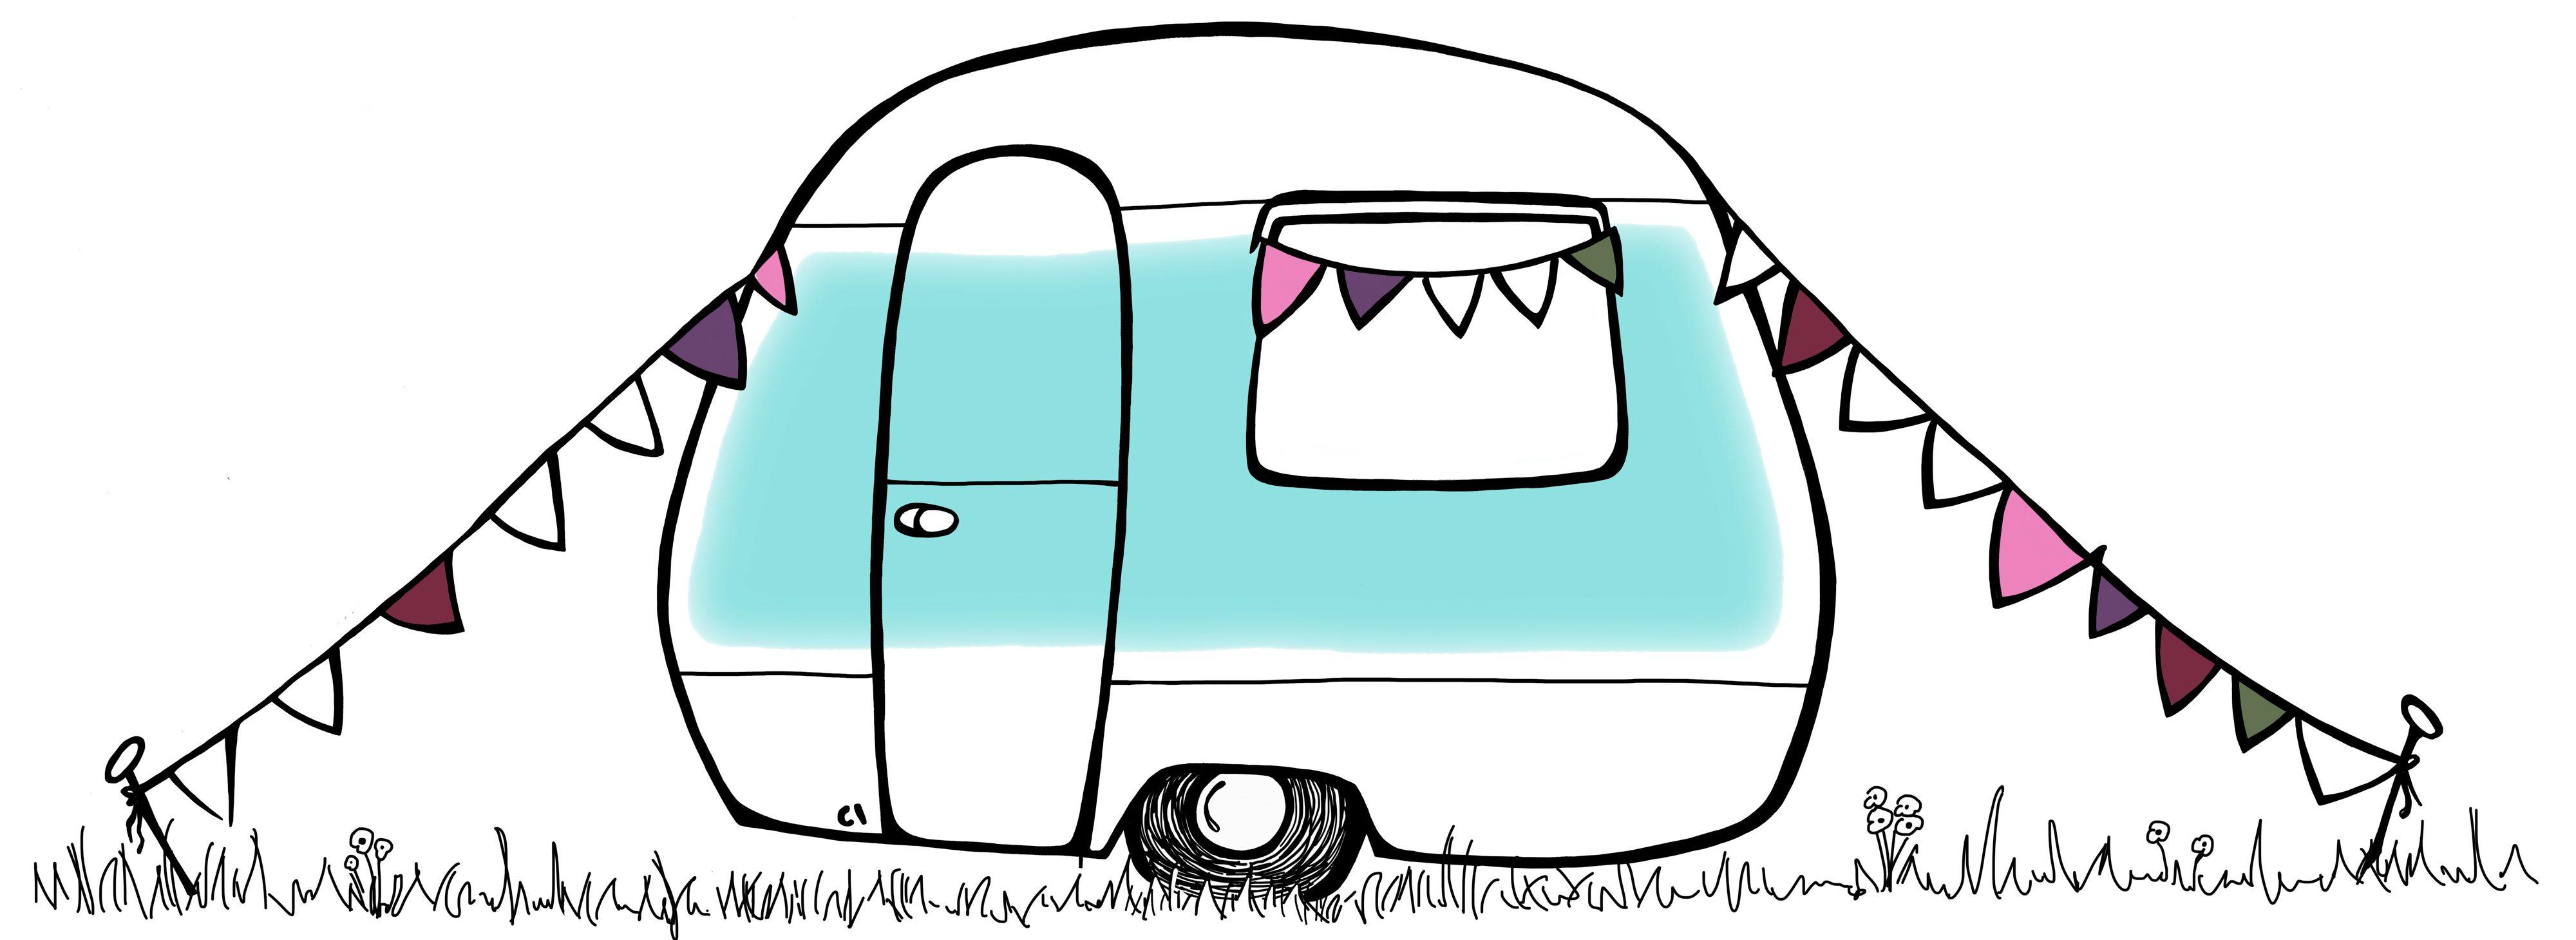 Clive the Caravan